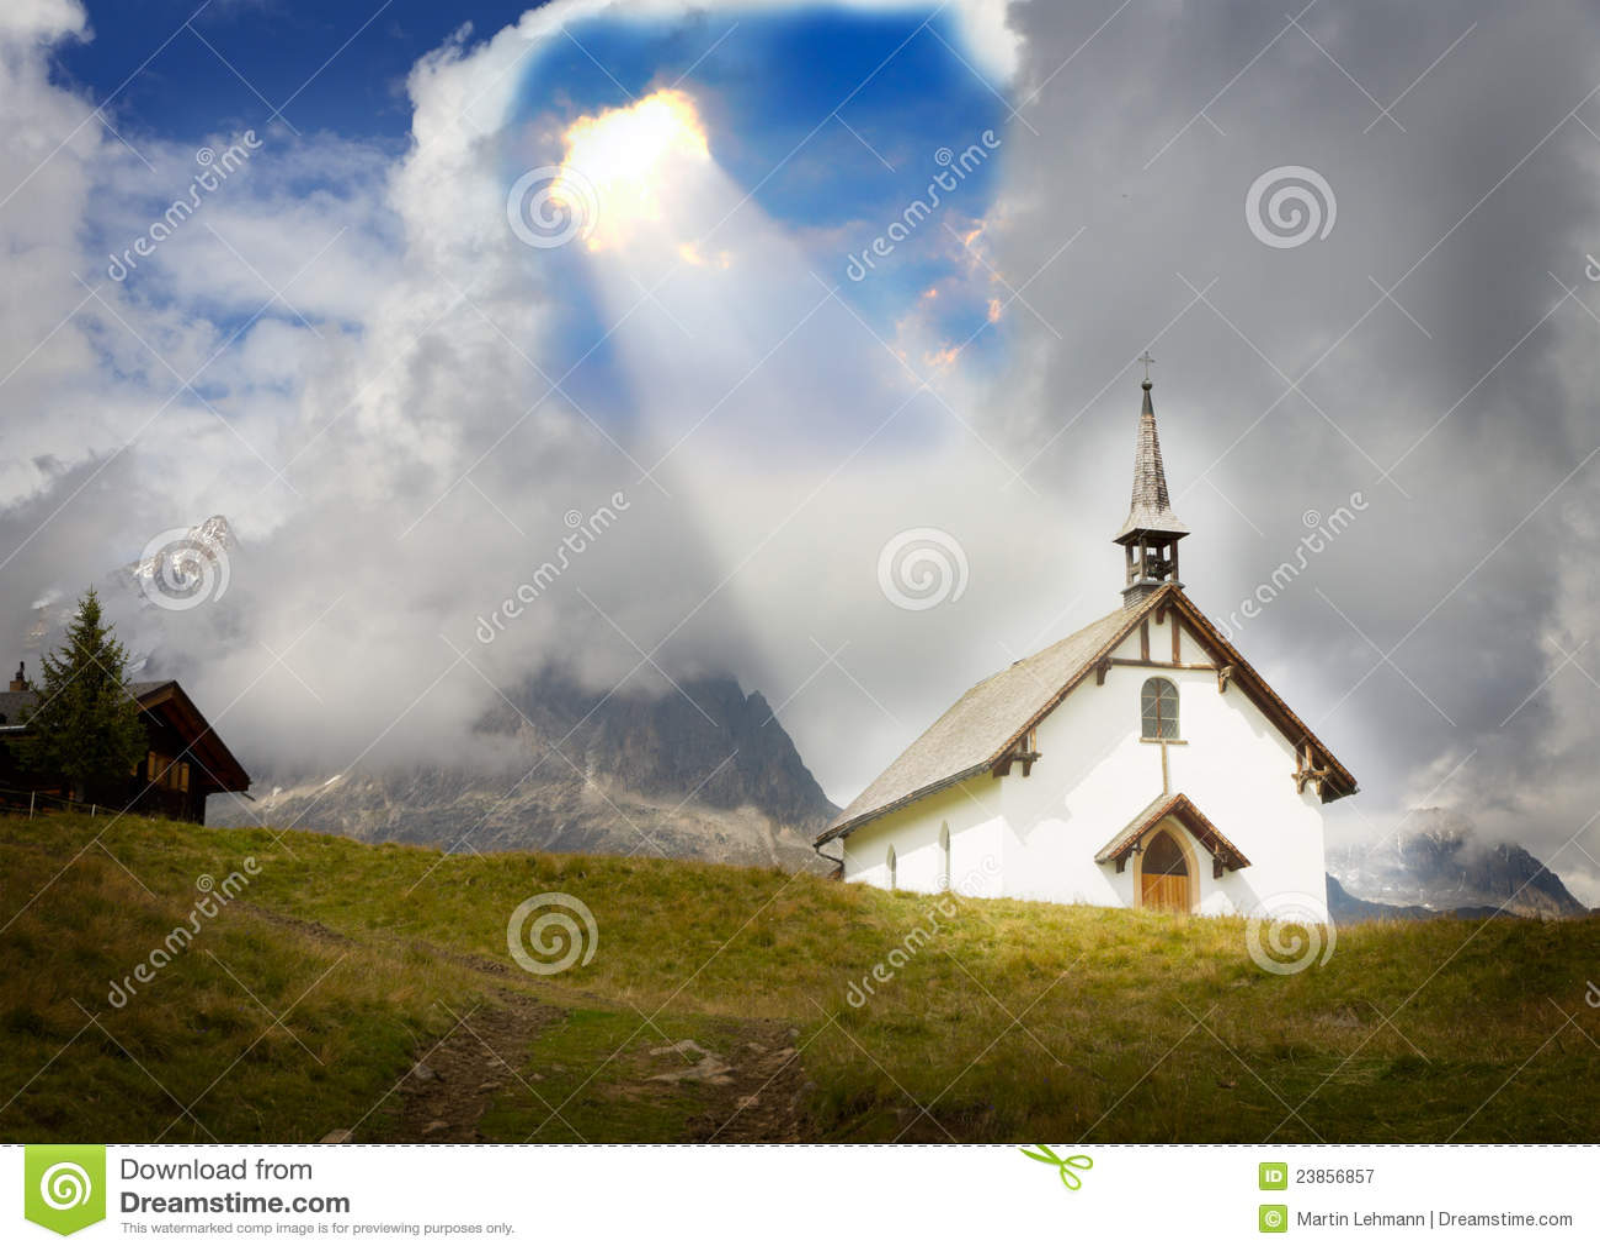 Concetto per Cristianità, dio, credenza, rilievo